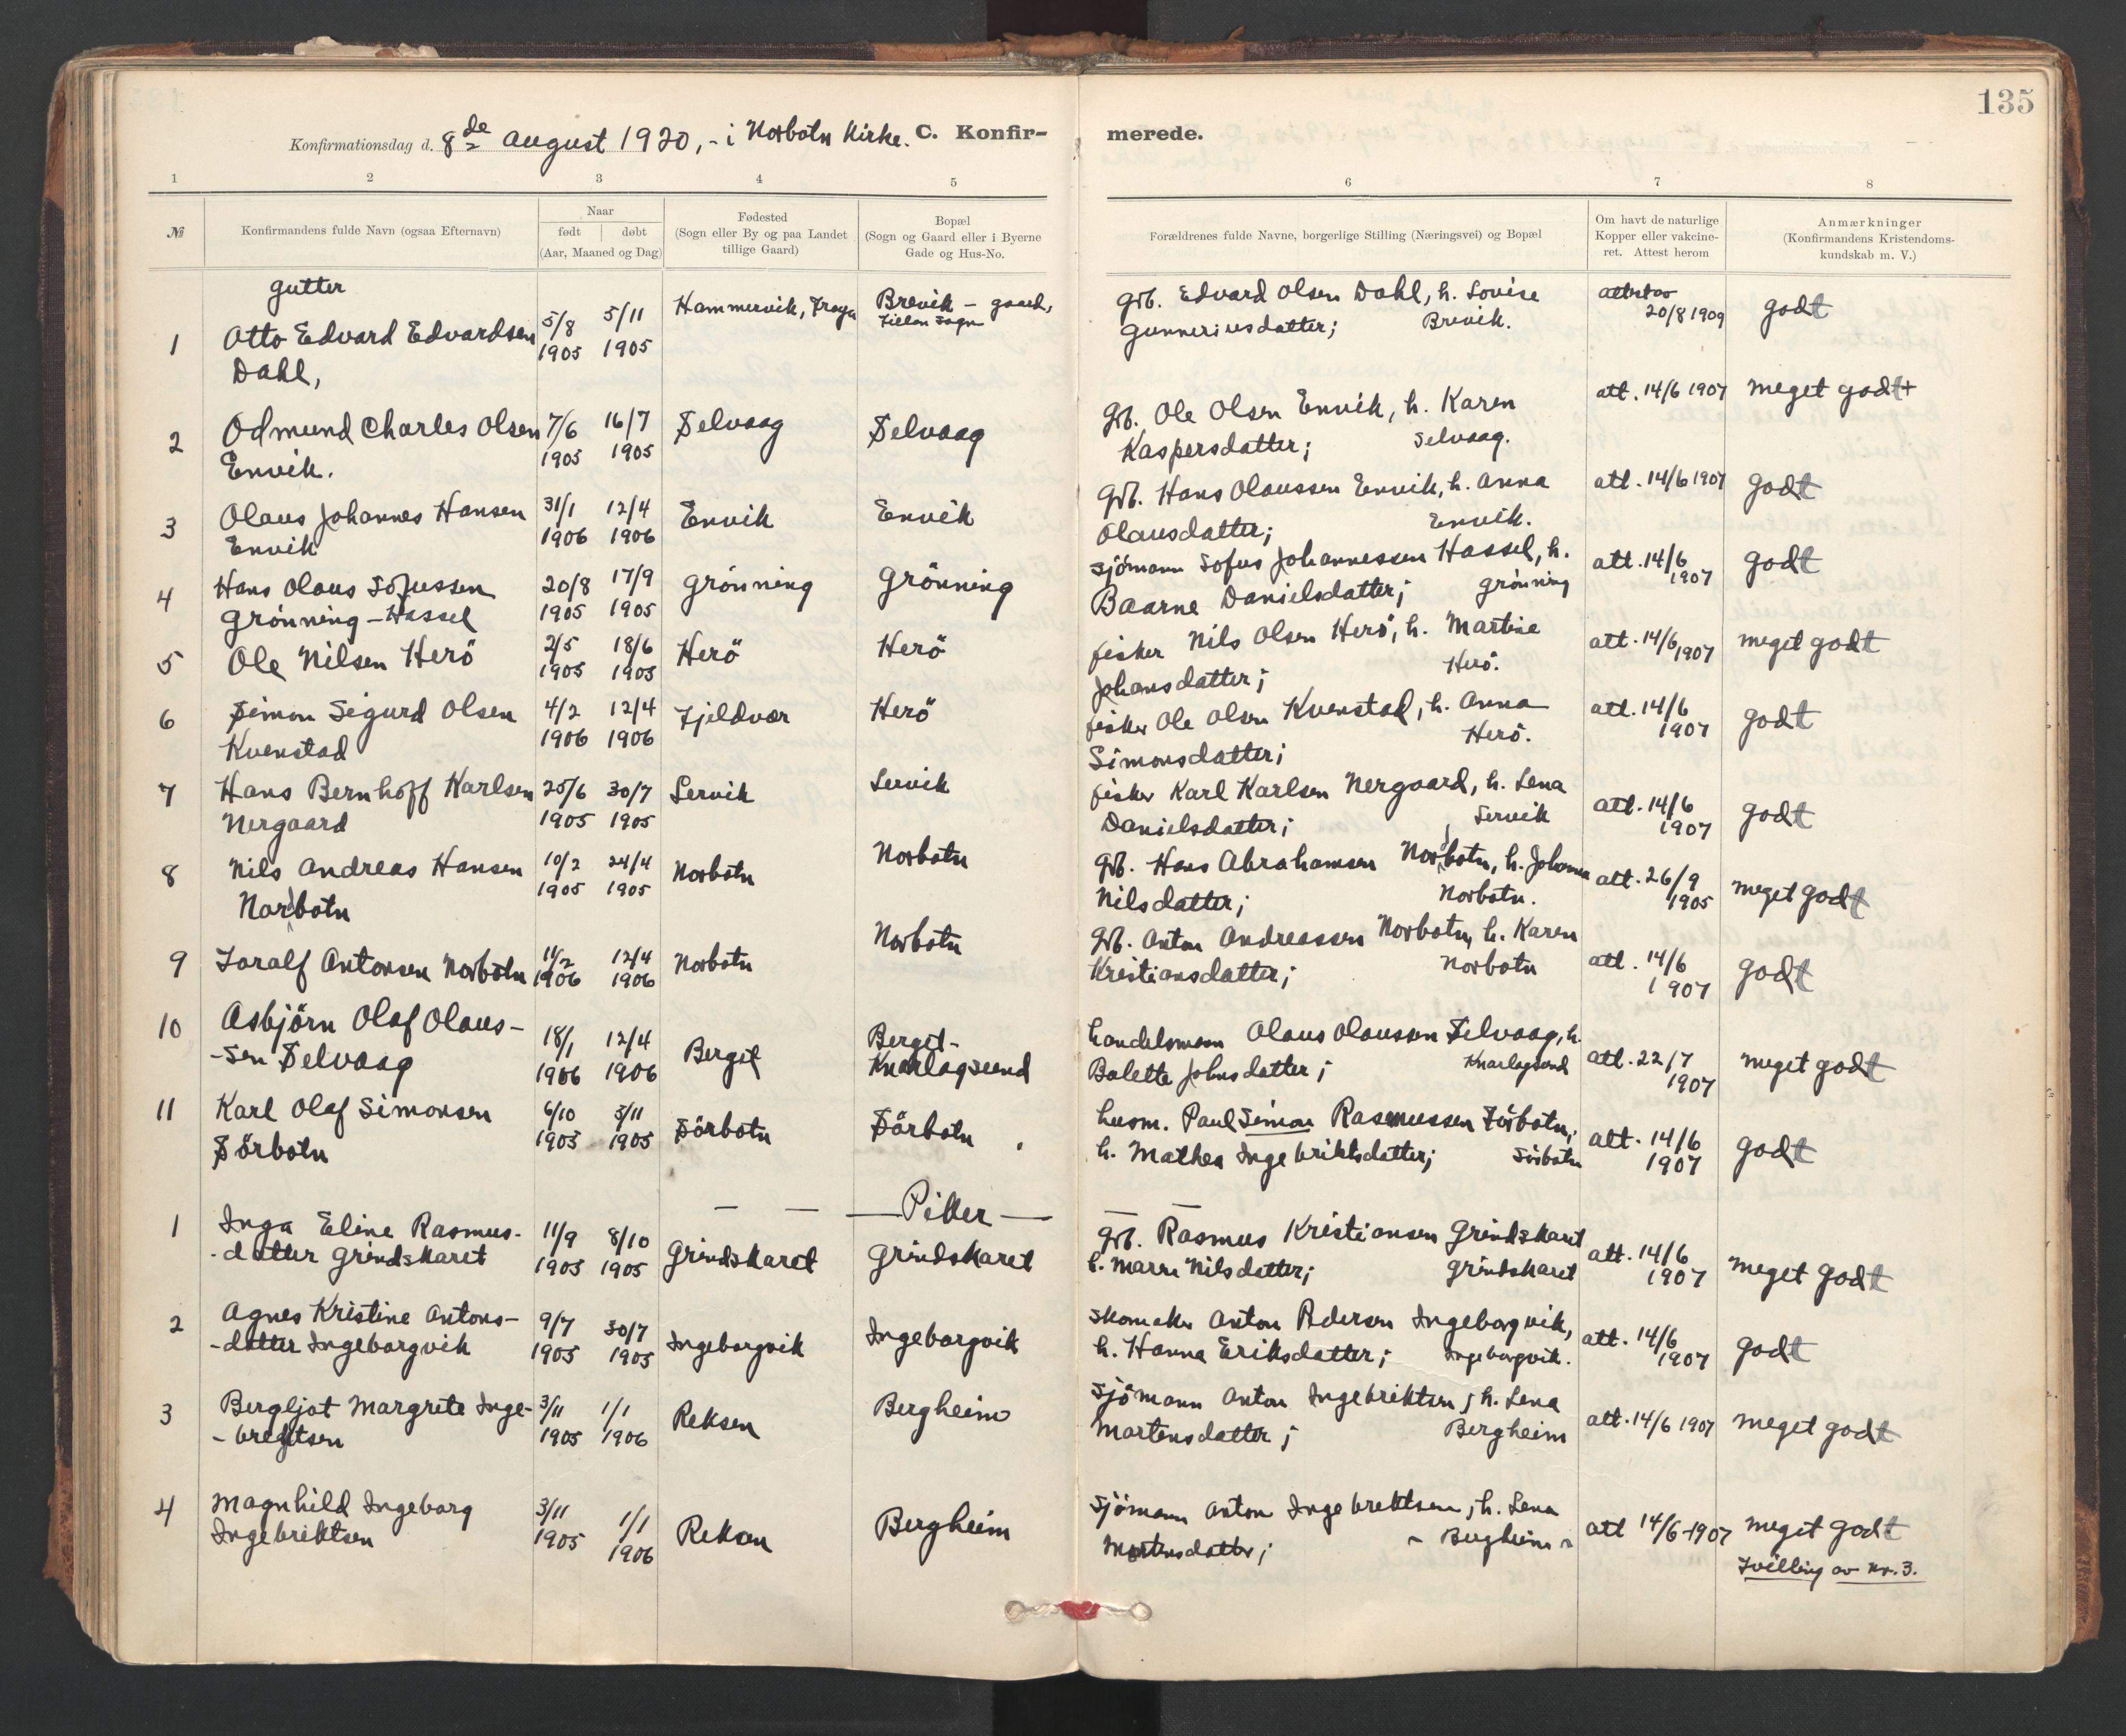 SAT, Ministerialprotokoller, klokkerbøker og fødselsregistre - Sør-Trøndelag, 637/L0559: Ministerialbok nr. 637A02, 1899-1923, s. 135